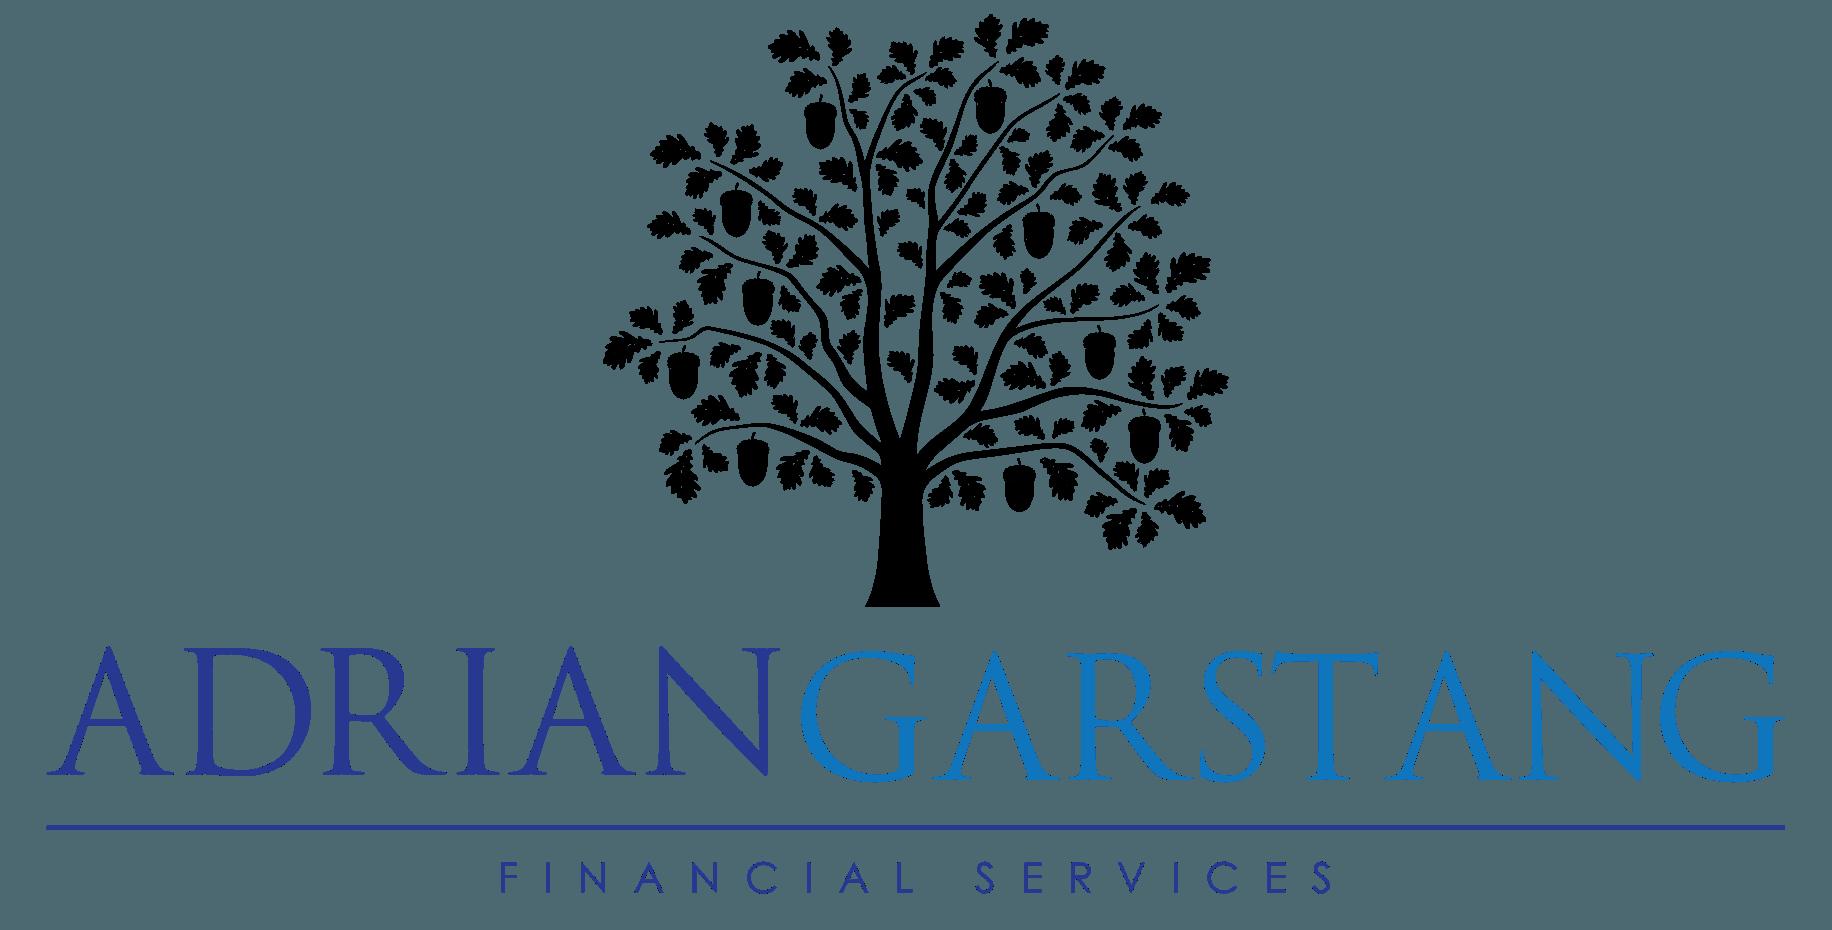 Adrian Garstang Financial Services logo